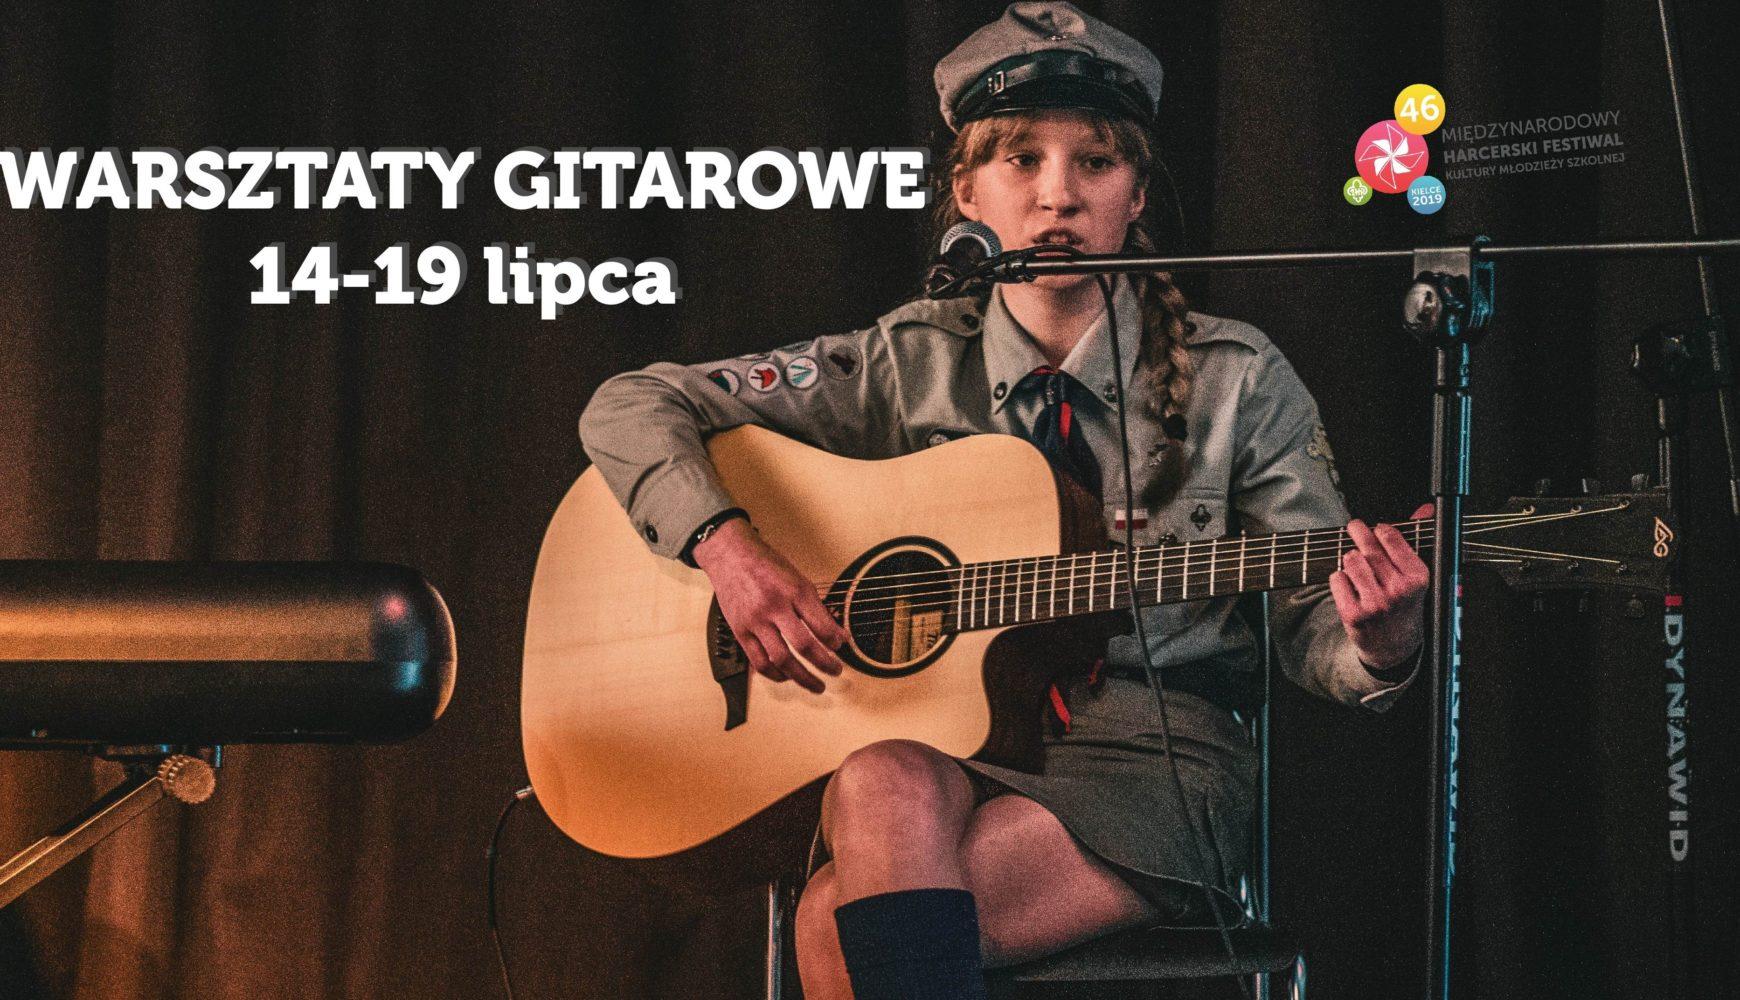 Warsztaty gitarowe 14-19.07.2019 r.